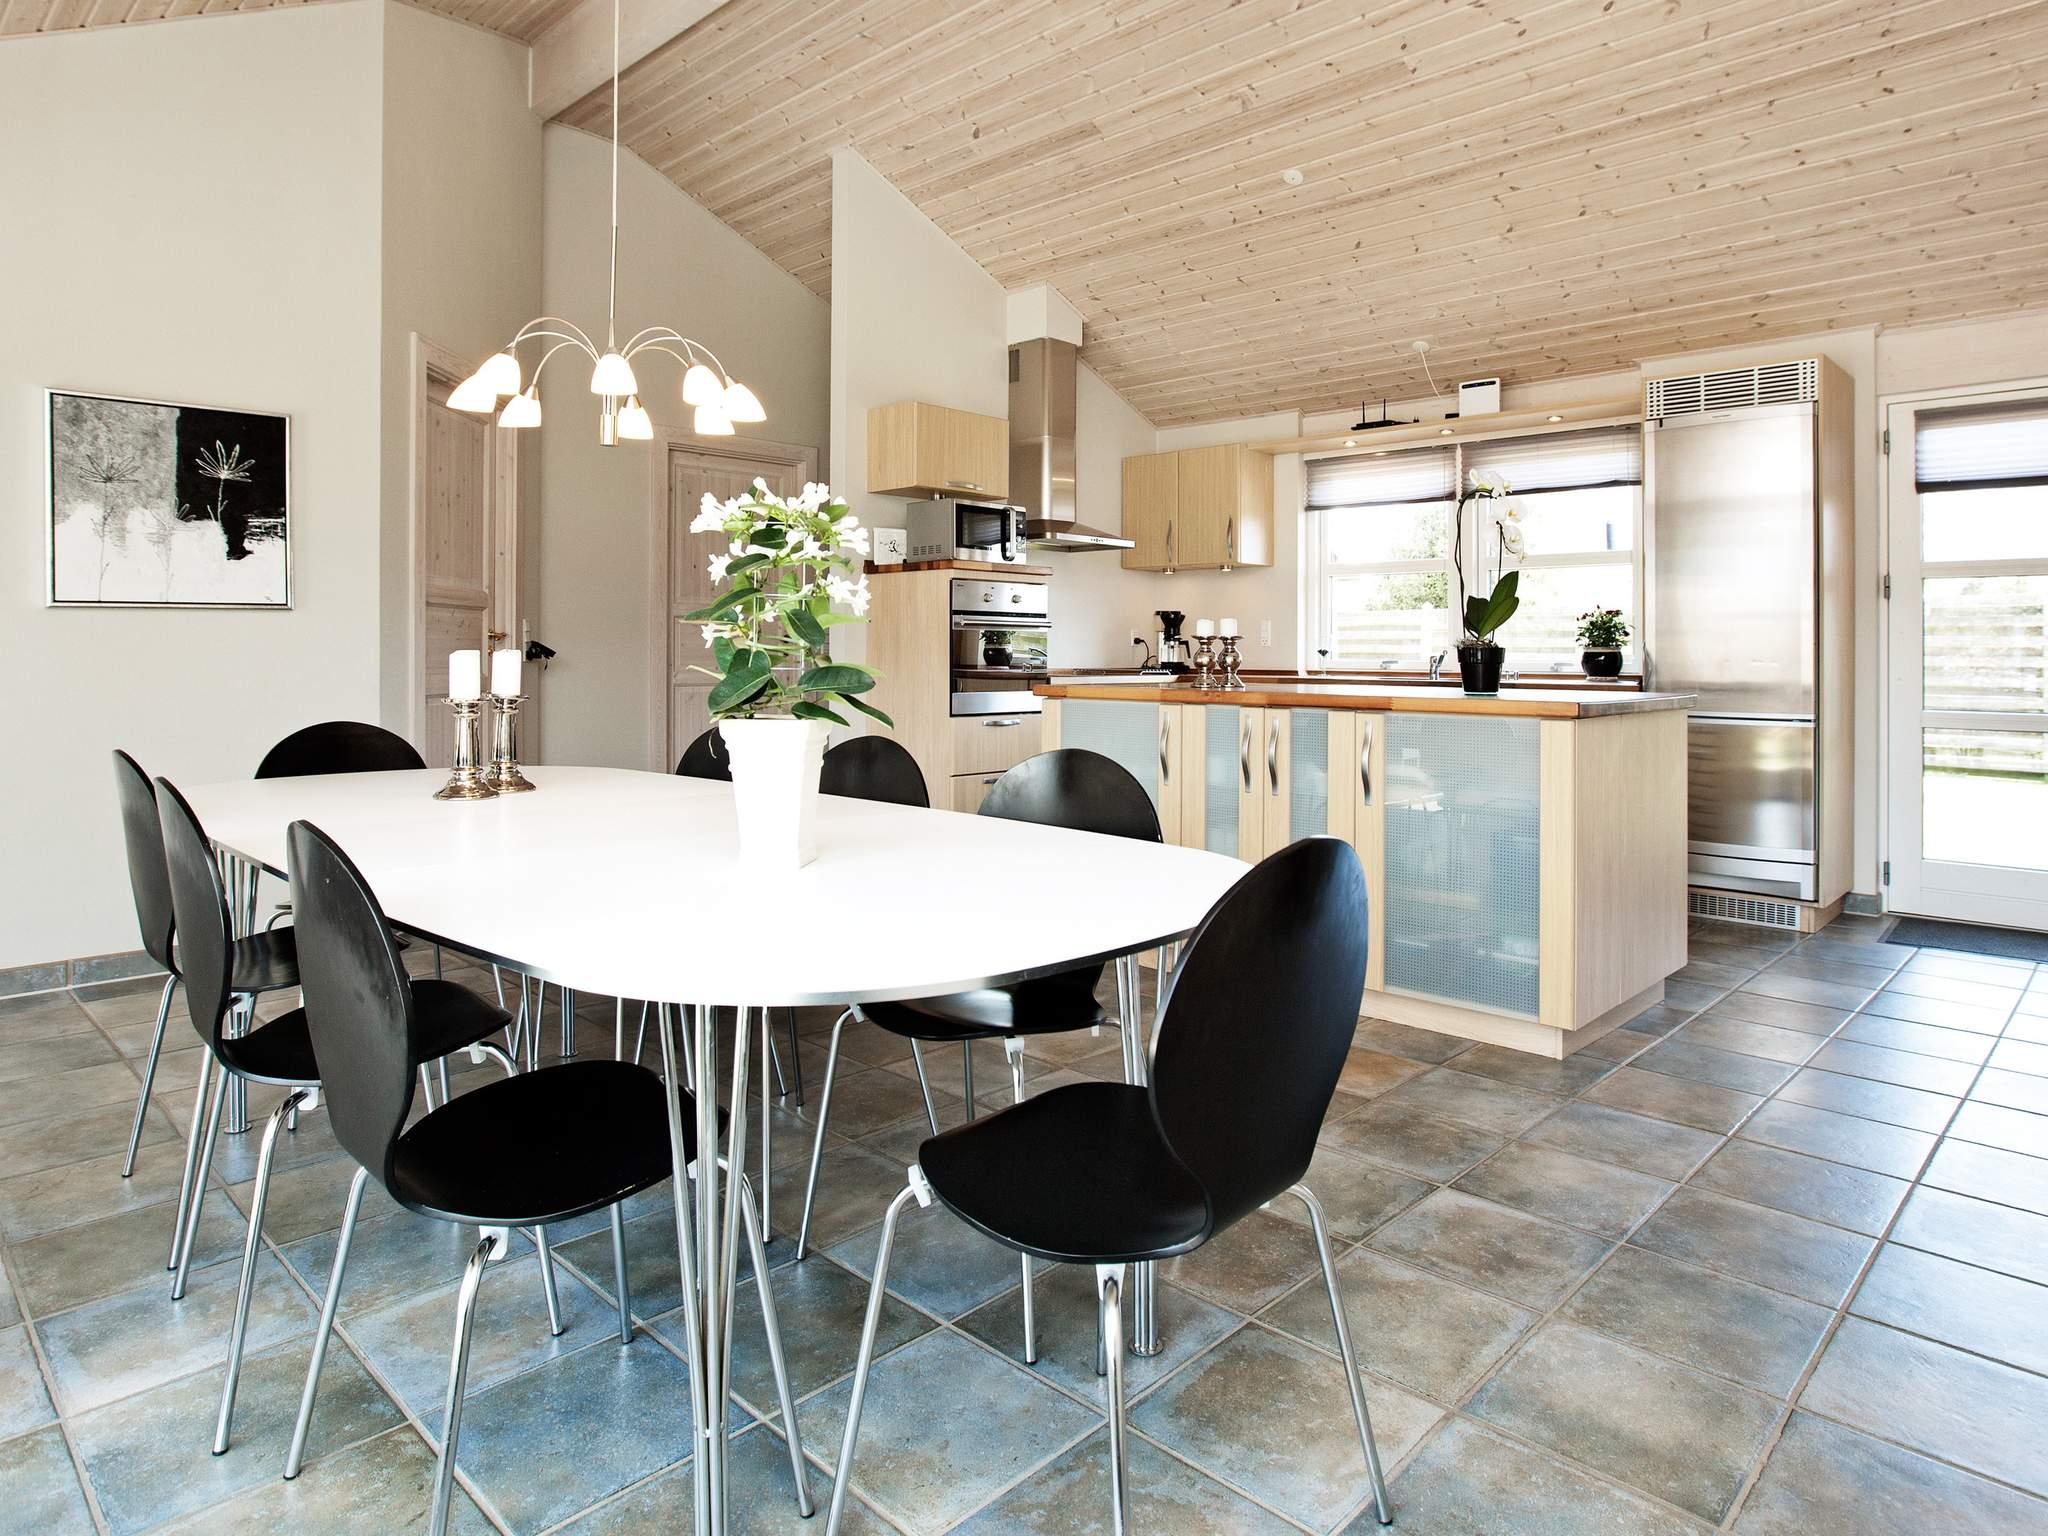 Ferienhaus Bjerge Sydstrand (253117), Gørlev, , Westseeland, Dänemark, Bild 11